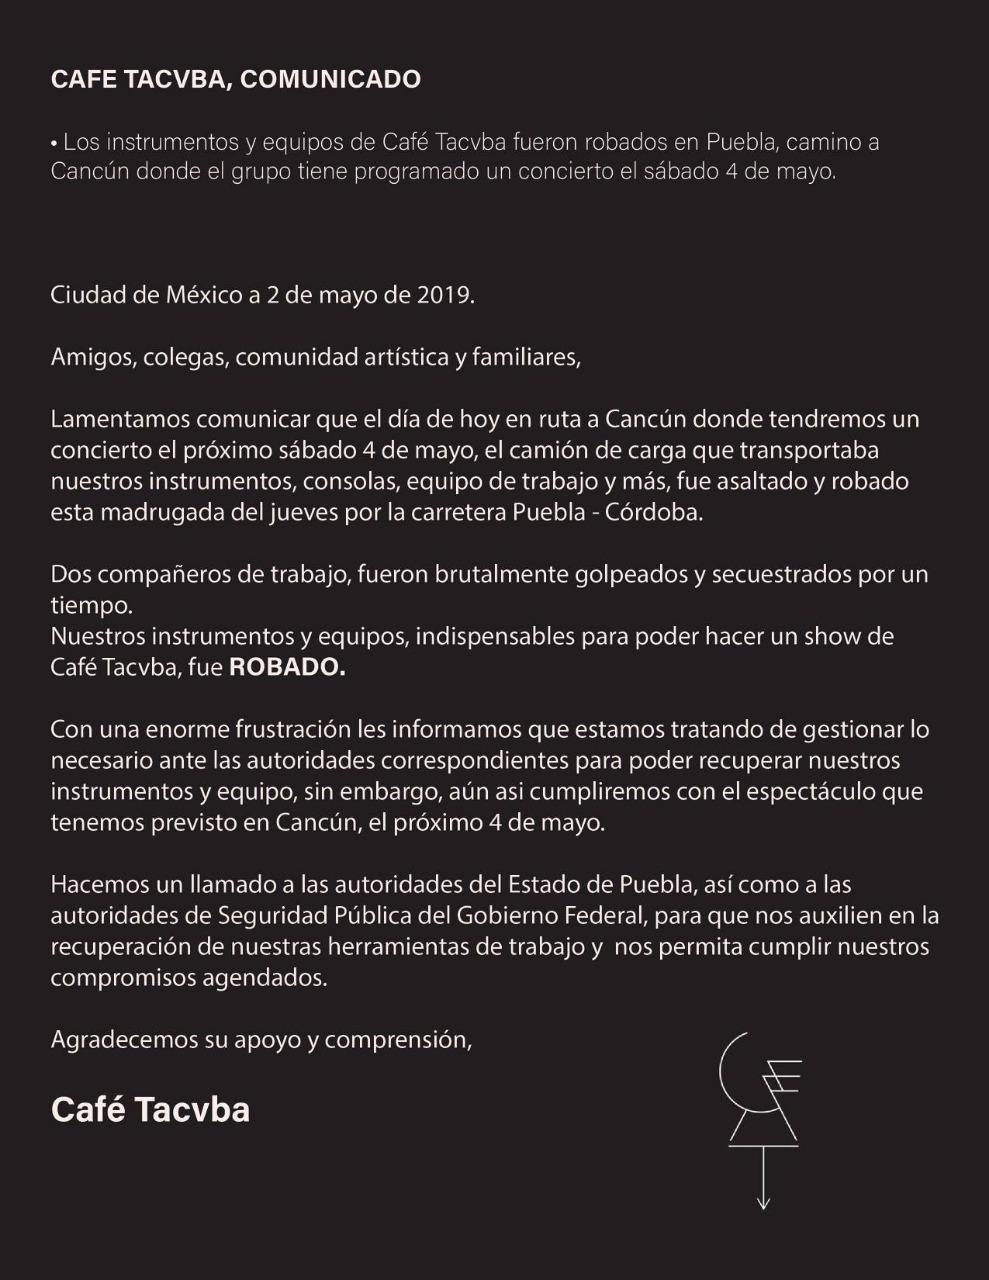 Ya ni la amuelan: Café Tacvba reporta que su equipo fue robado en Puebla